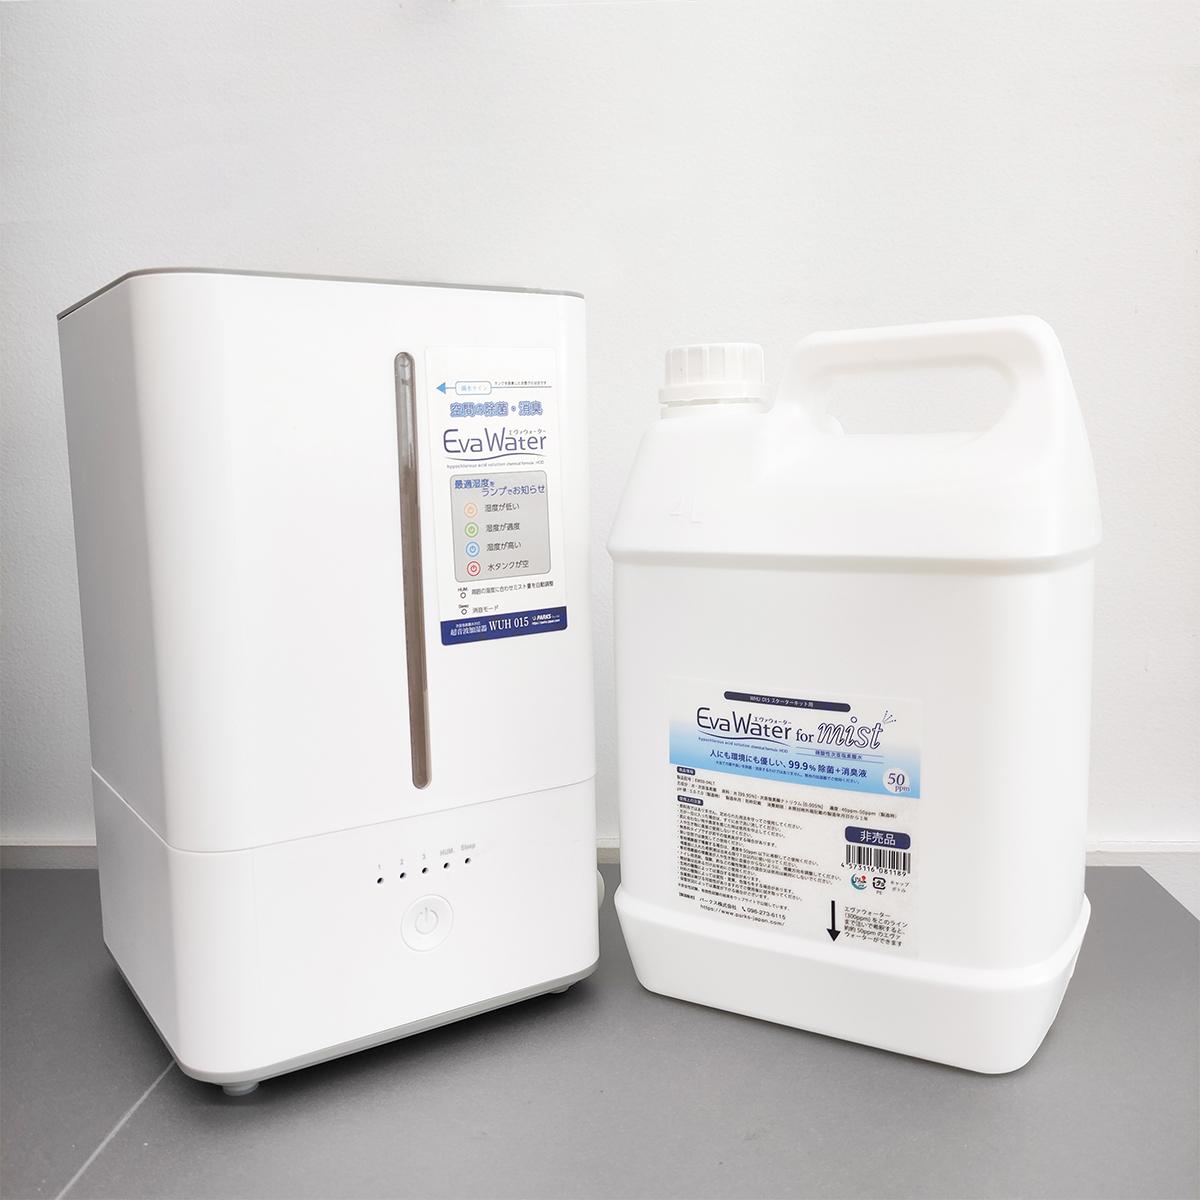 【加湿器販売GOGOキャンペーン】数量限定!エヴァウォーター 補充液 4L(50ppm)+ 超音波加湿器 WUH-015